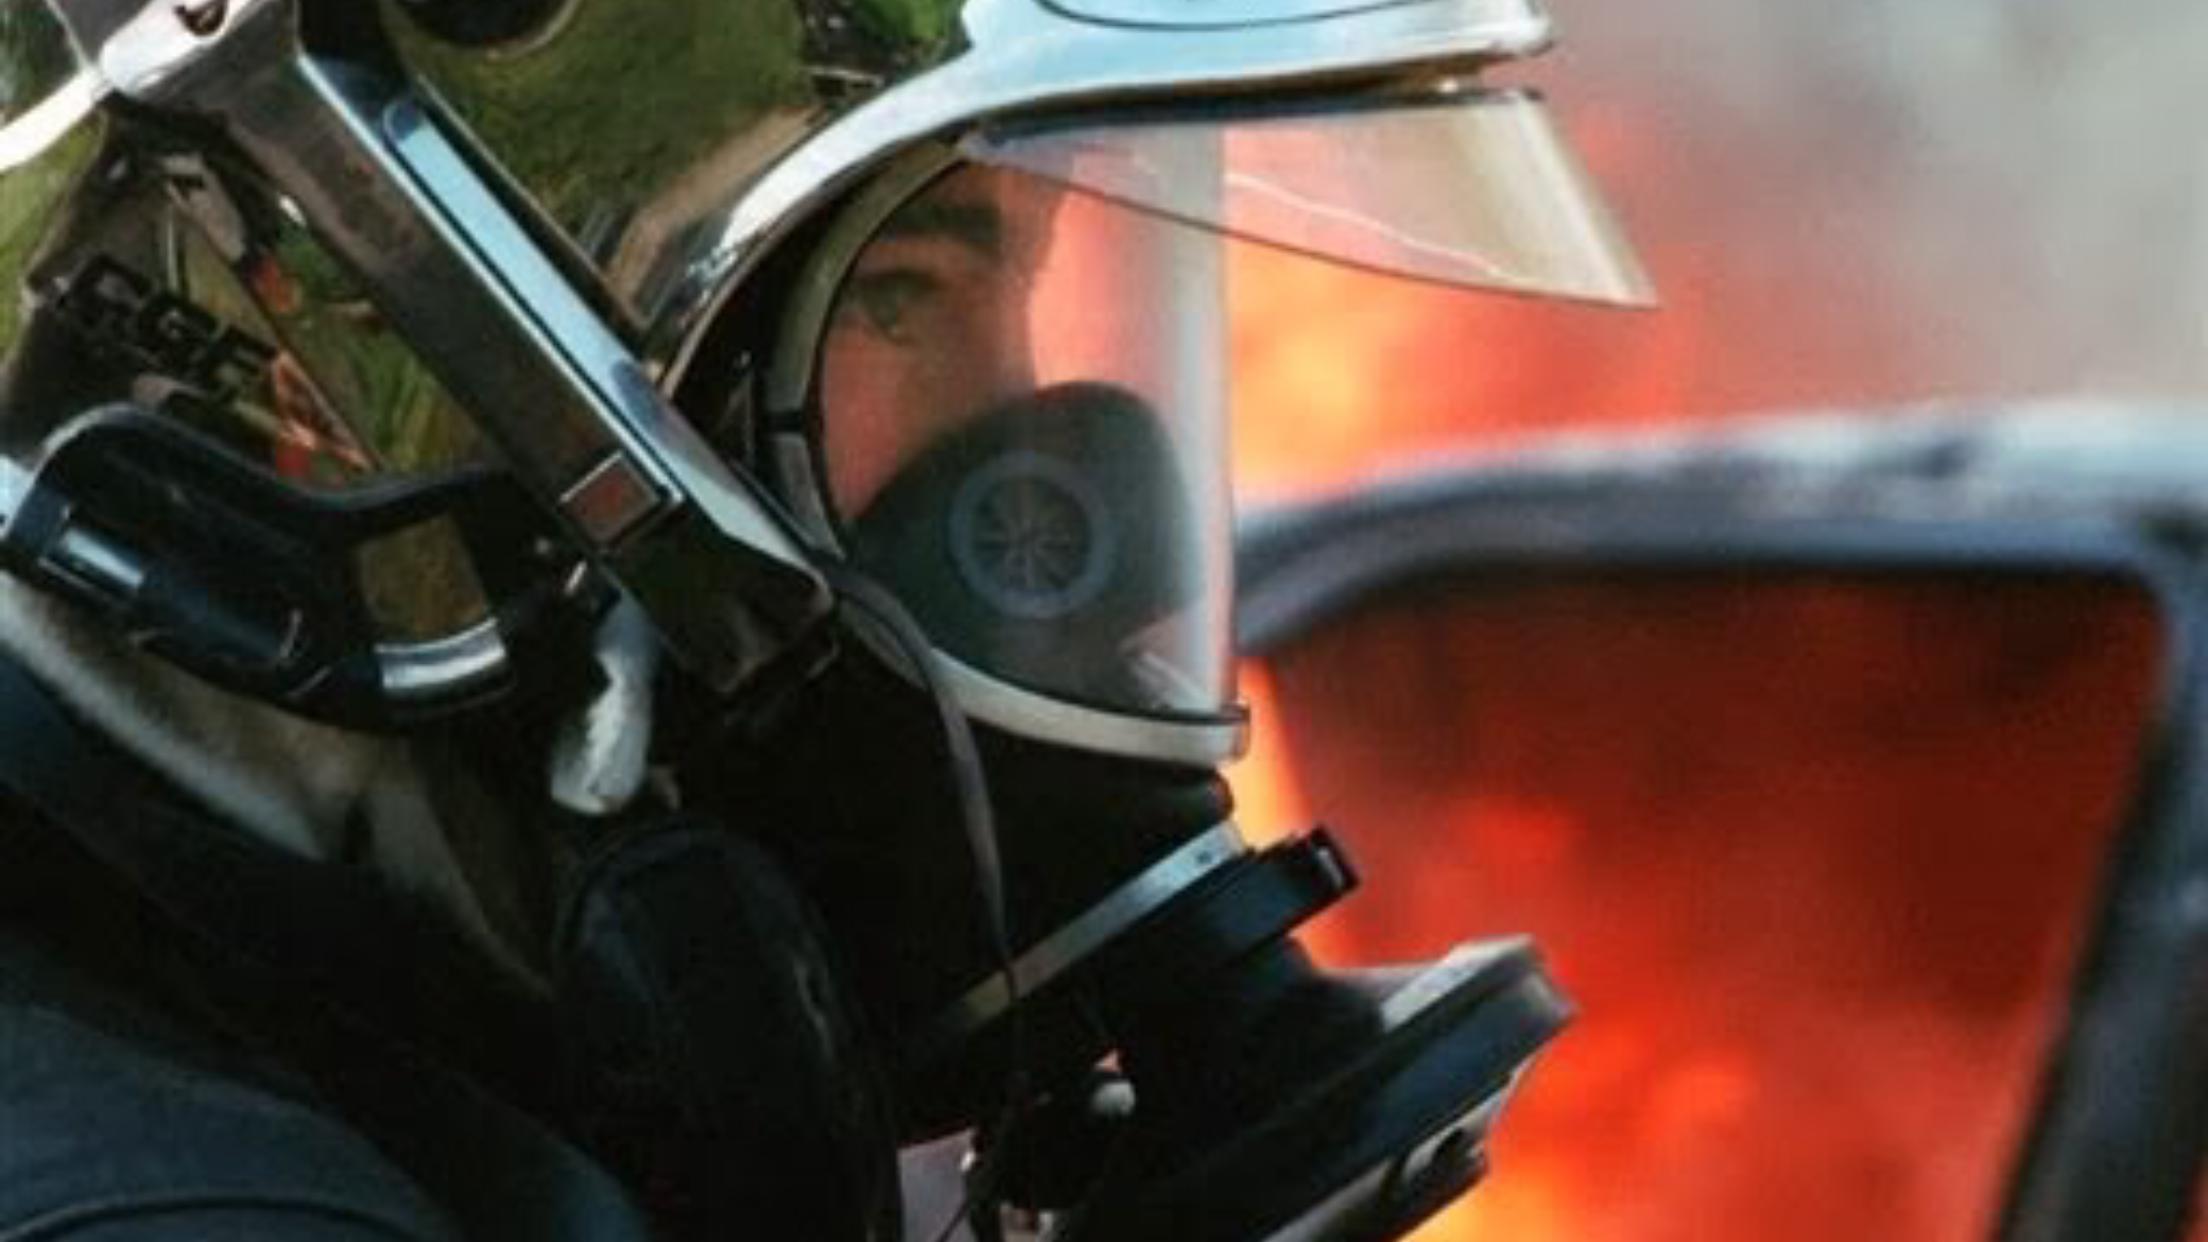 Conflans-Sainte-Honorine : incendie dans une cave, une mère de famille interpellée